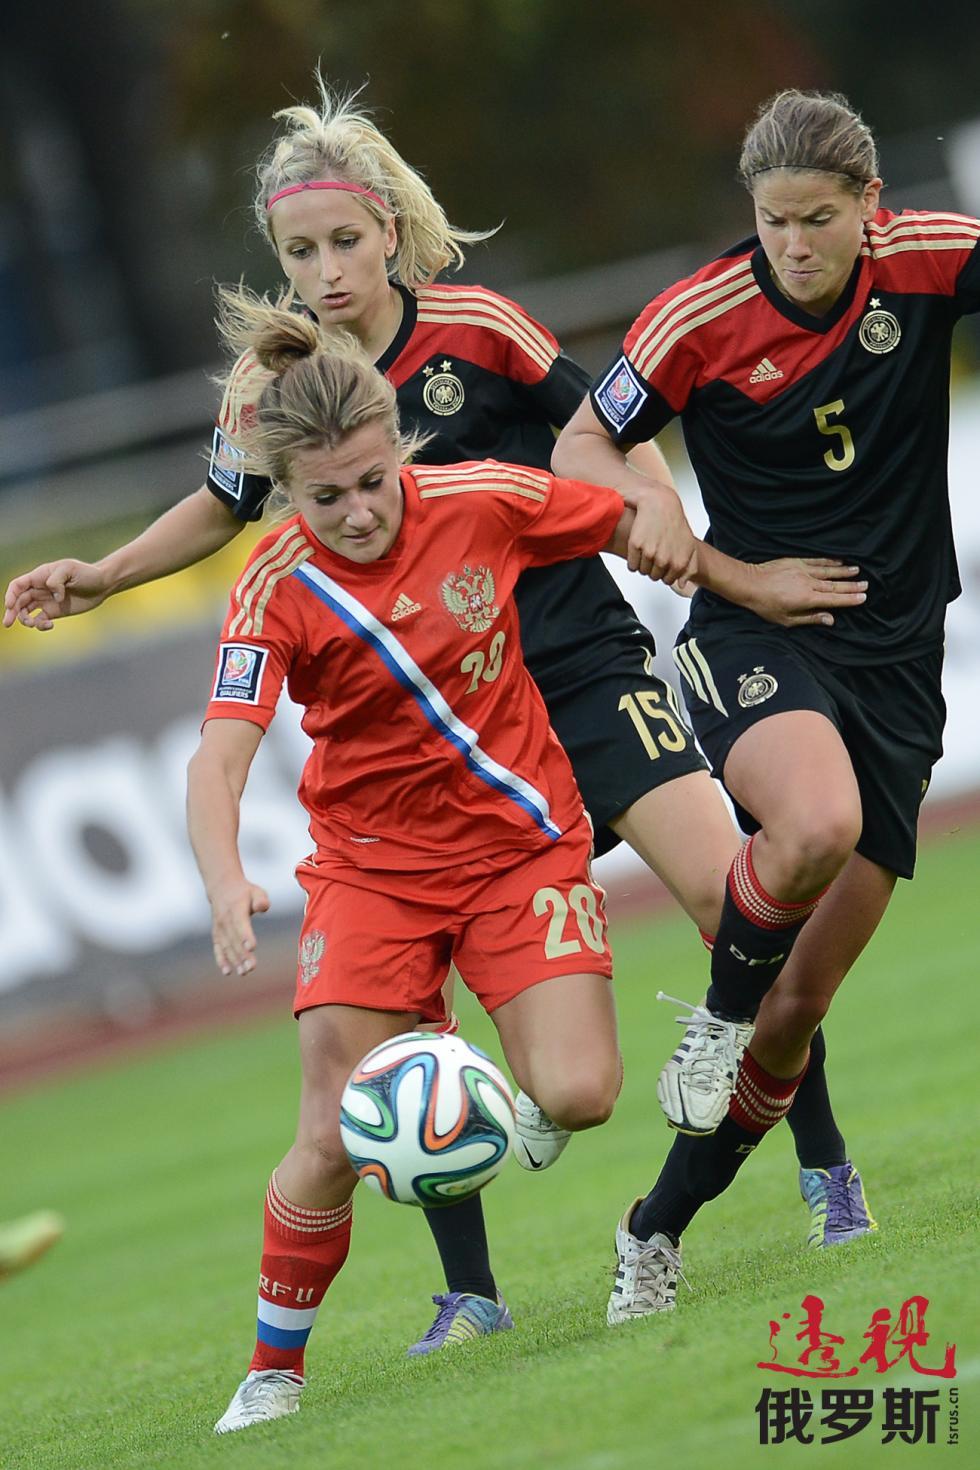 左起,奈利•科罗夫金娜(俄罗斯)、卡特林•亨德里希(Kathrin Hendrich,德国)和安妮科·克拉恩(Annike Krahn,德国)在2015年时间诶倍足球赛资格赛中俄罗斯与德国国家女子足球队之间的比赛。图片来源:Ramil Sitdikov / 俄新社